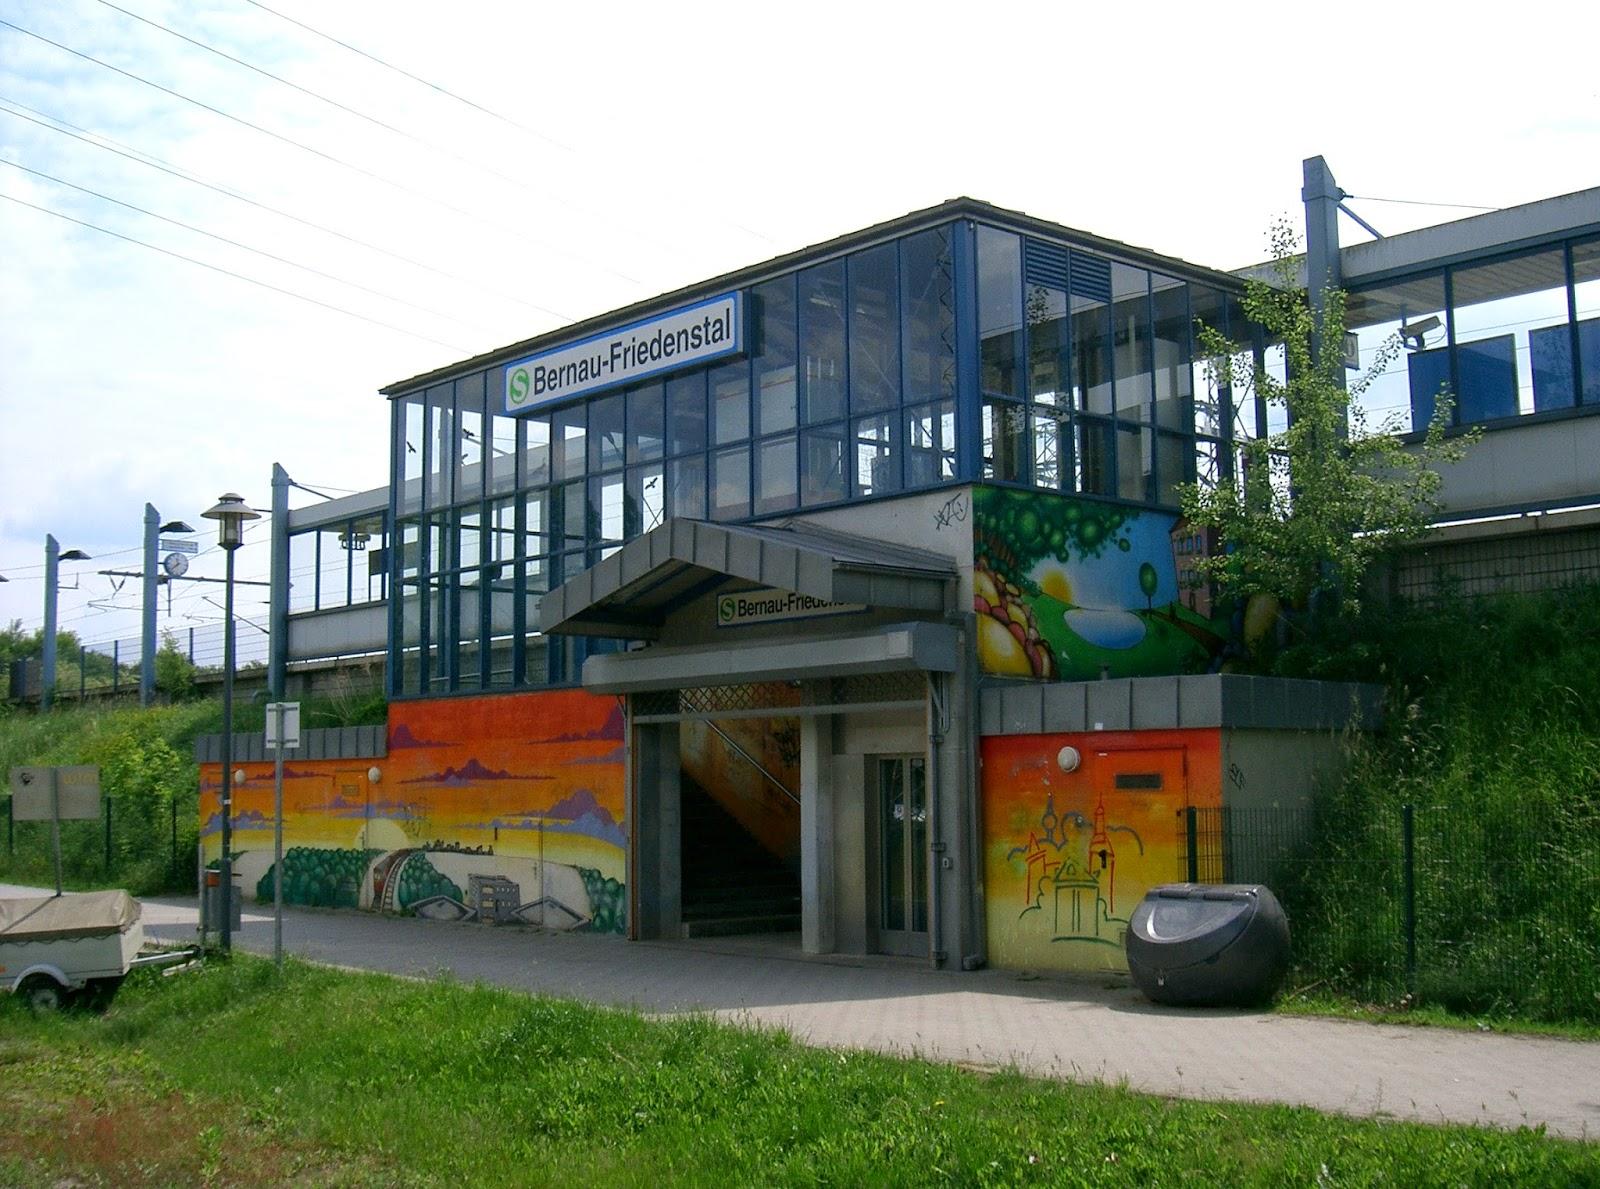 Bernau bei Berlin Bahnhof Friedenstal